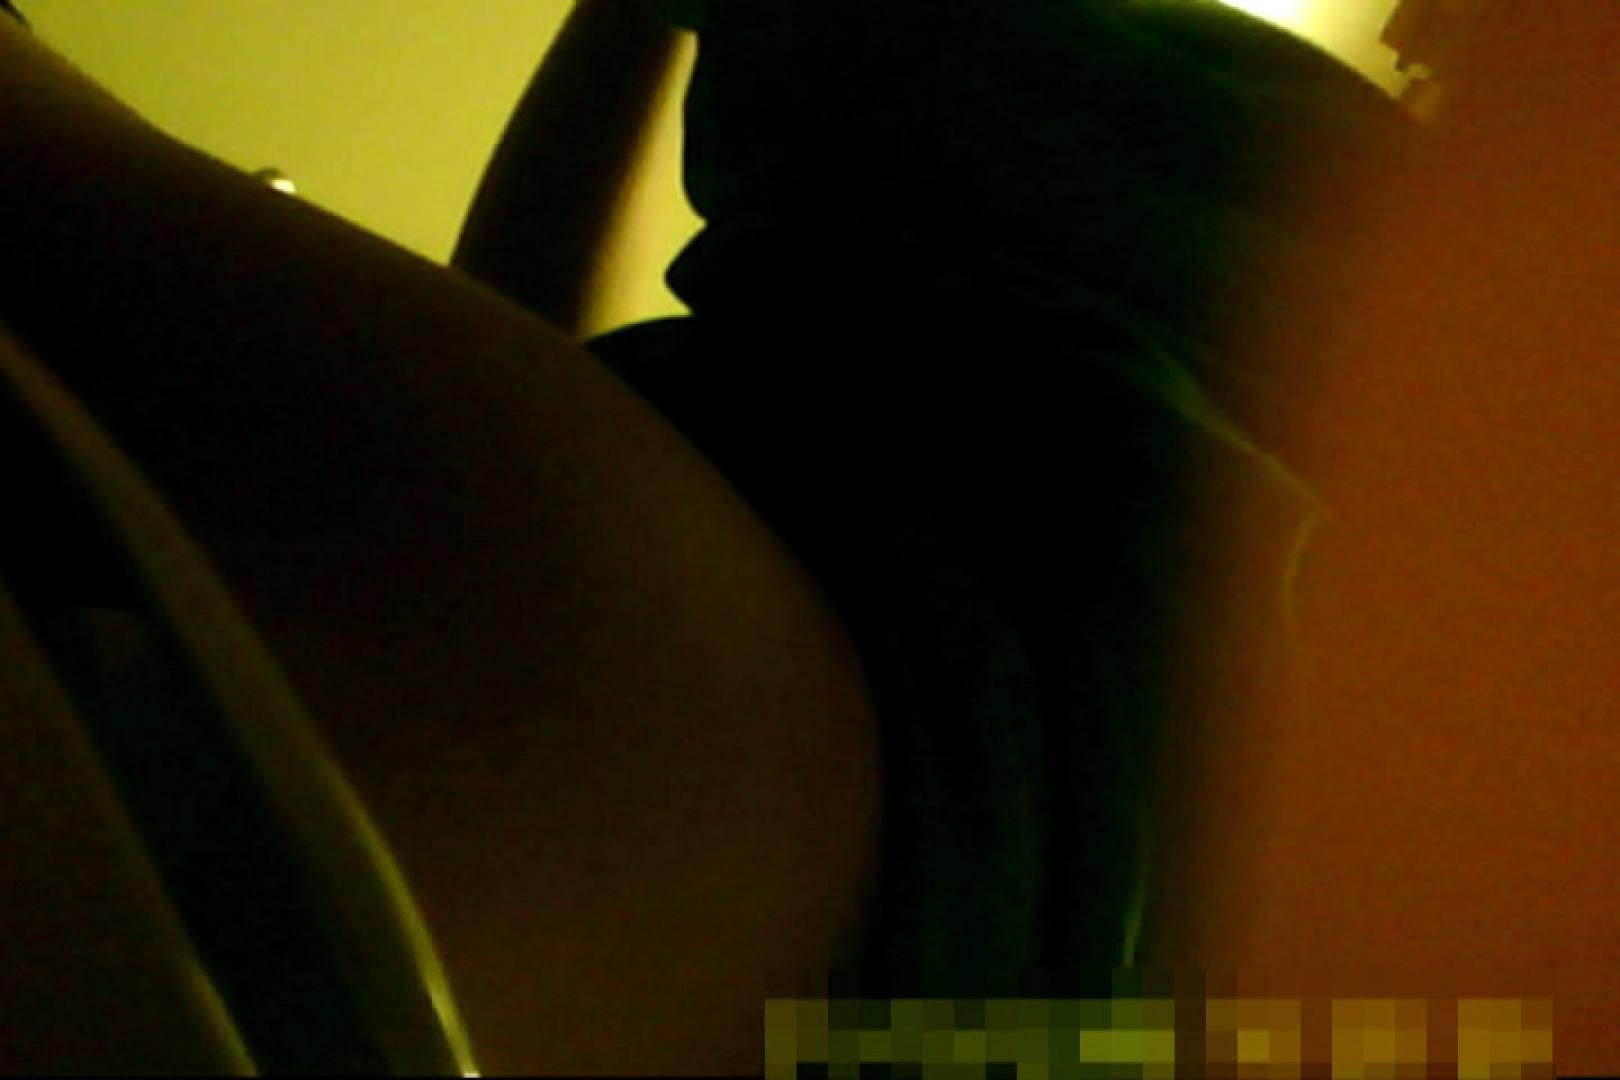 魅惑の化粧室~禁断のプライベート空間~21 洗面所 盗撮画像 109pic 2